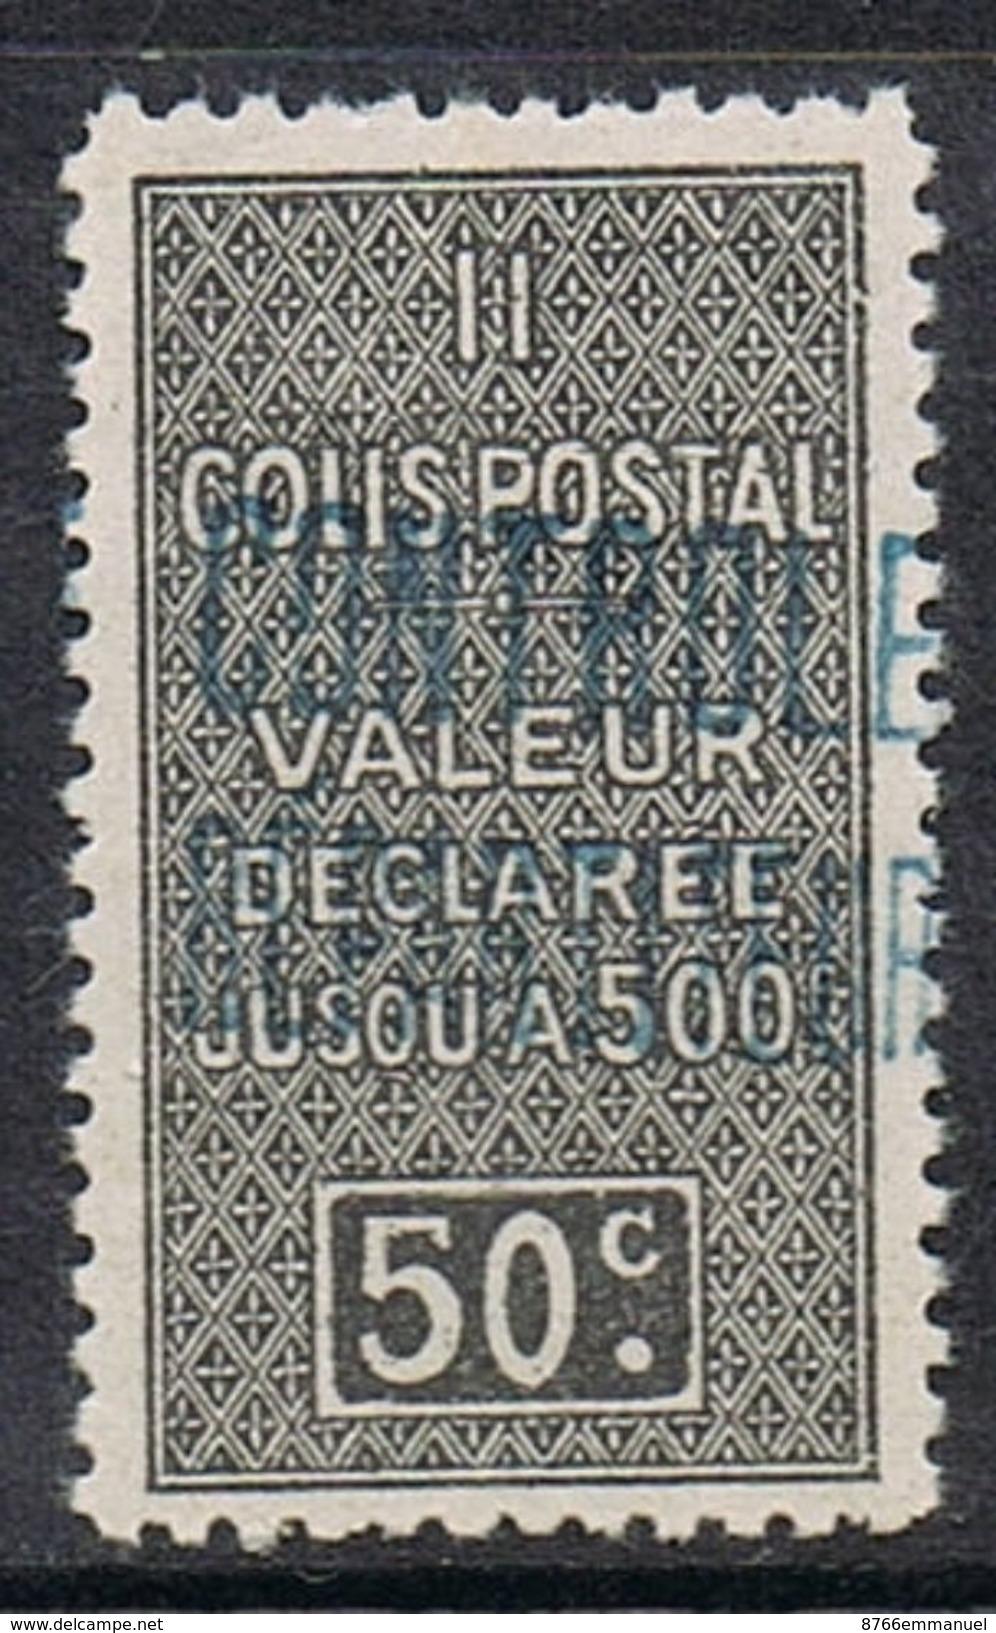 ALGERIE COLIS POSTAL N°16 N*  Variété Surcharge Bleue - Algérie (1924-1962)